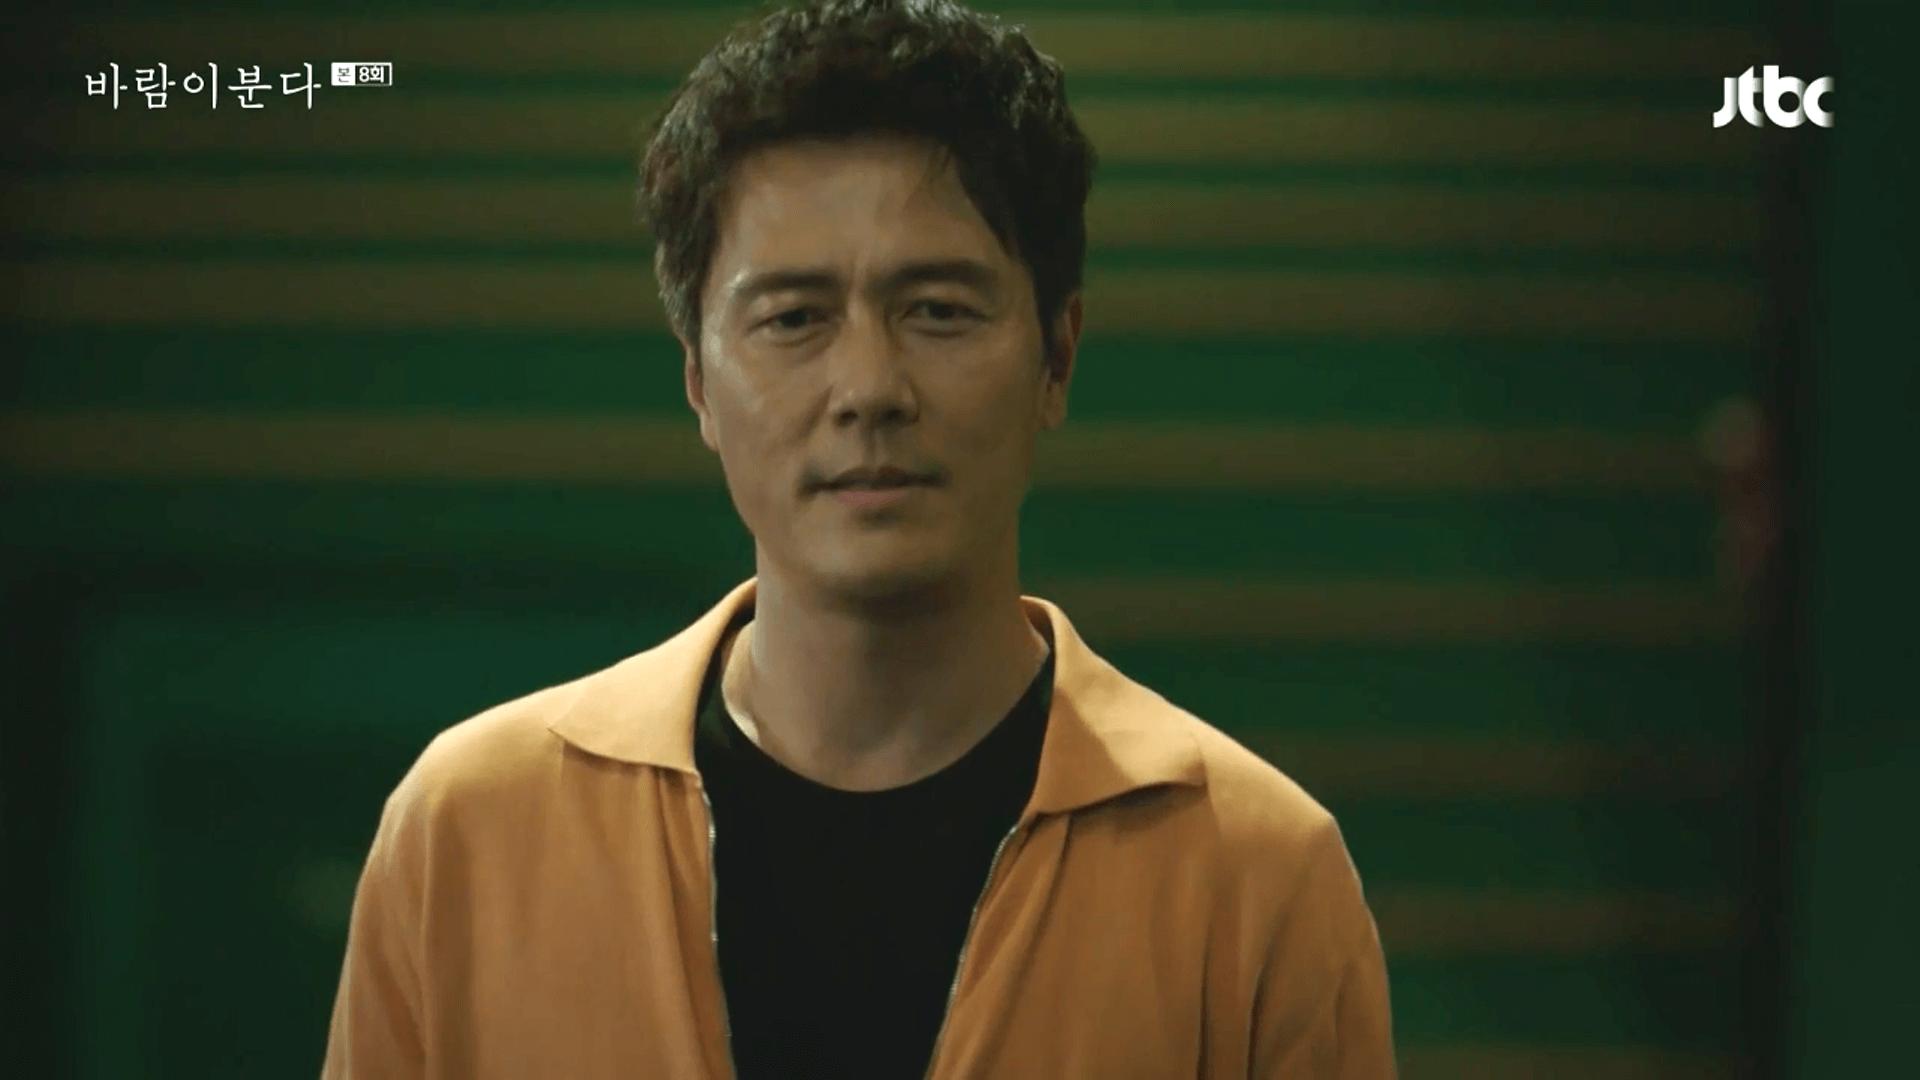 甘宇成於第六集打後身型有着明顯變化,原來背後下了一番苦功。